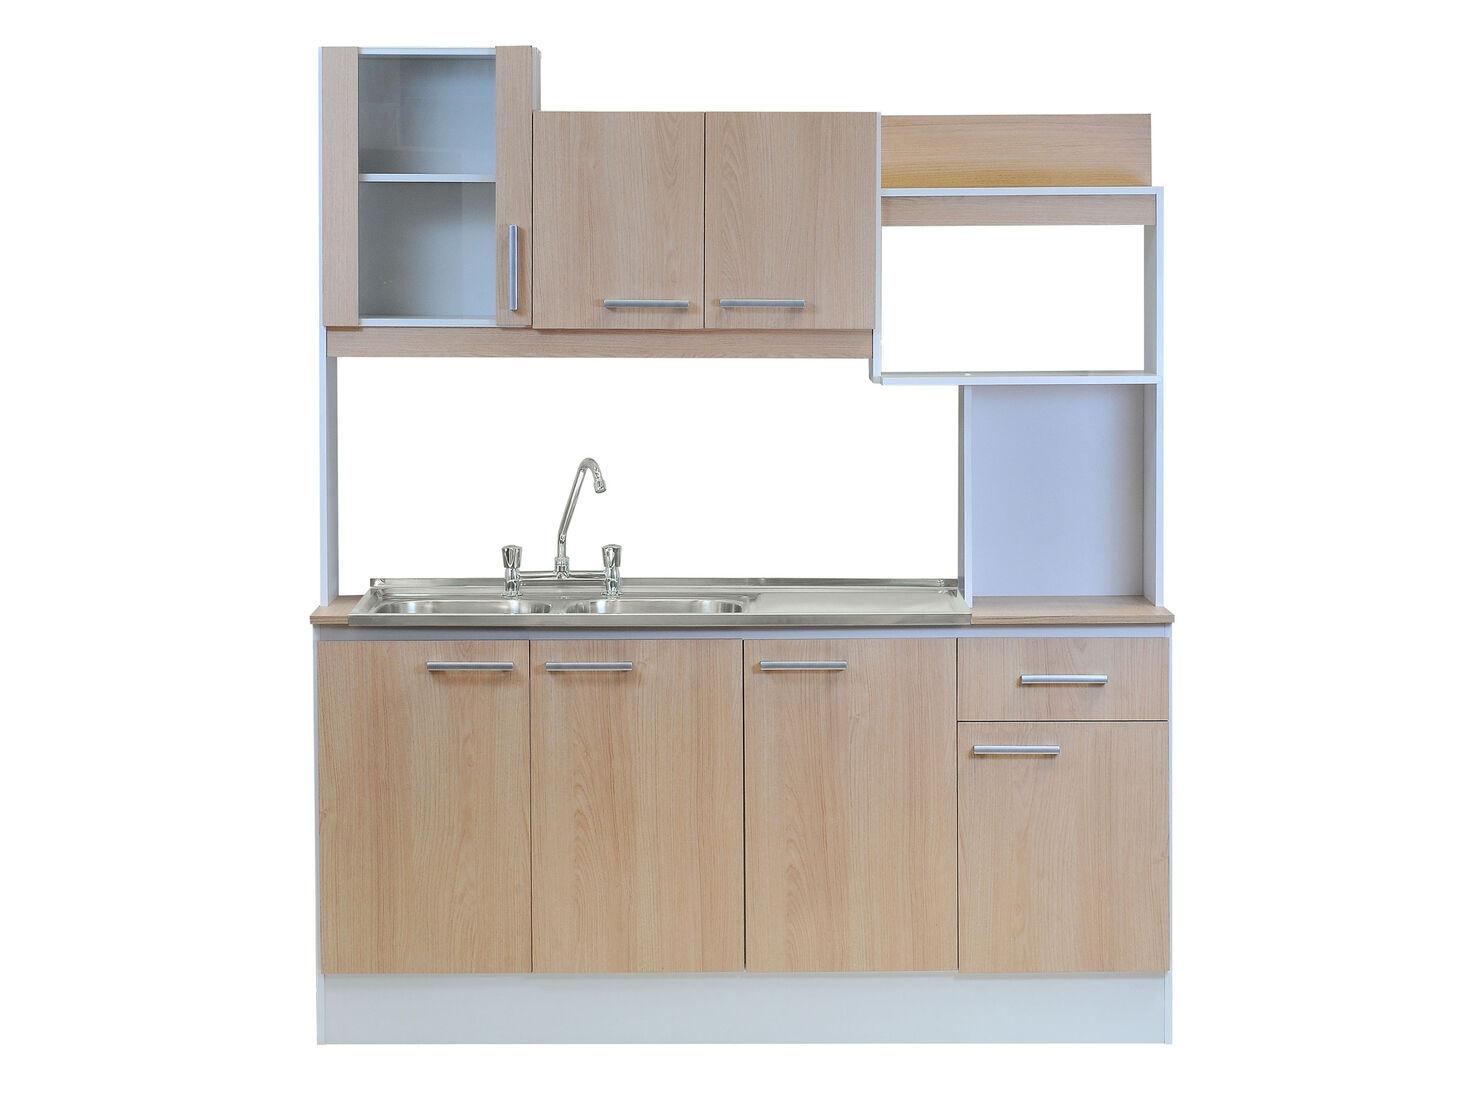 Kit Mueble de Cocina + Lavaplatos Doble Aconcagua Mobikit en Muebles ...